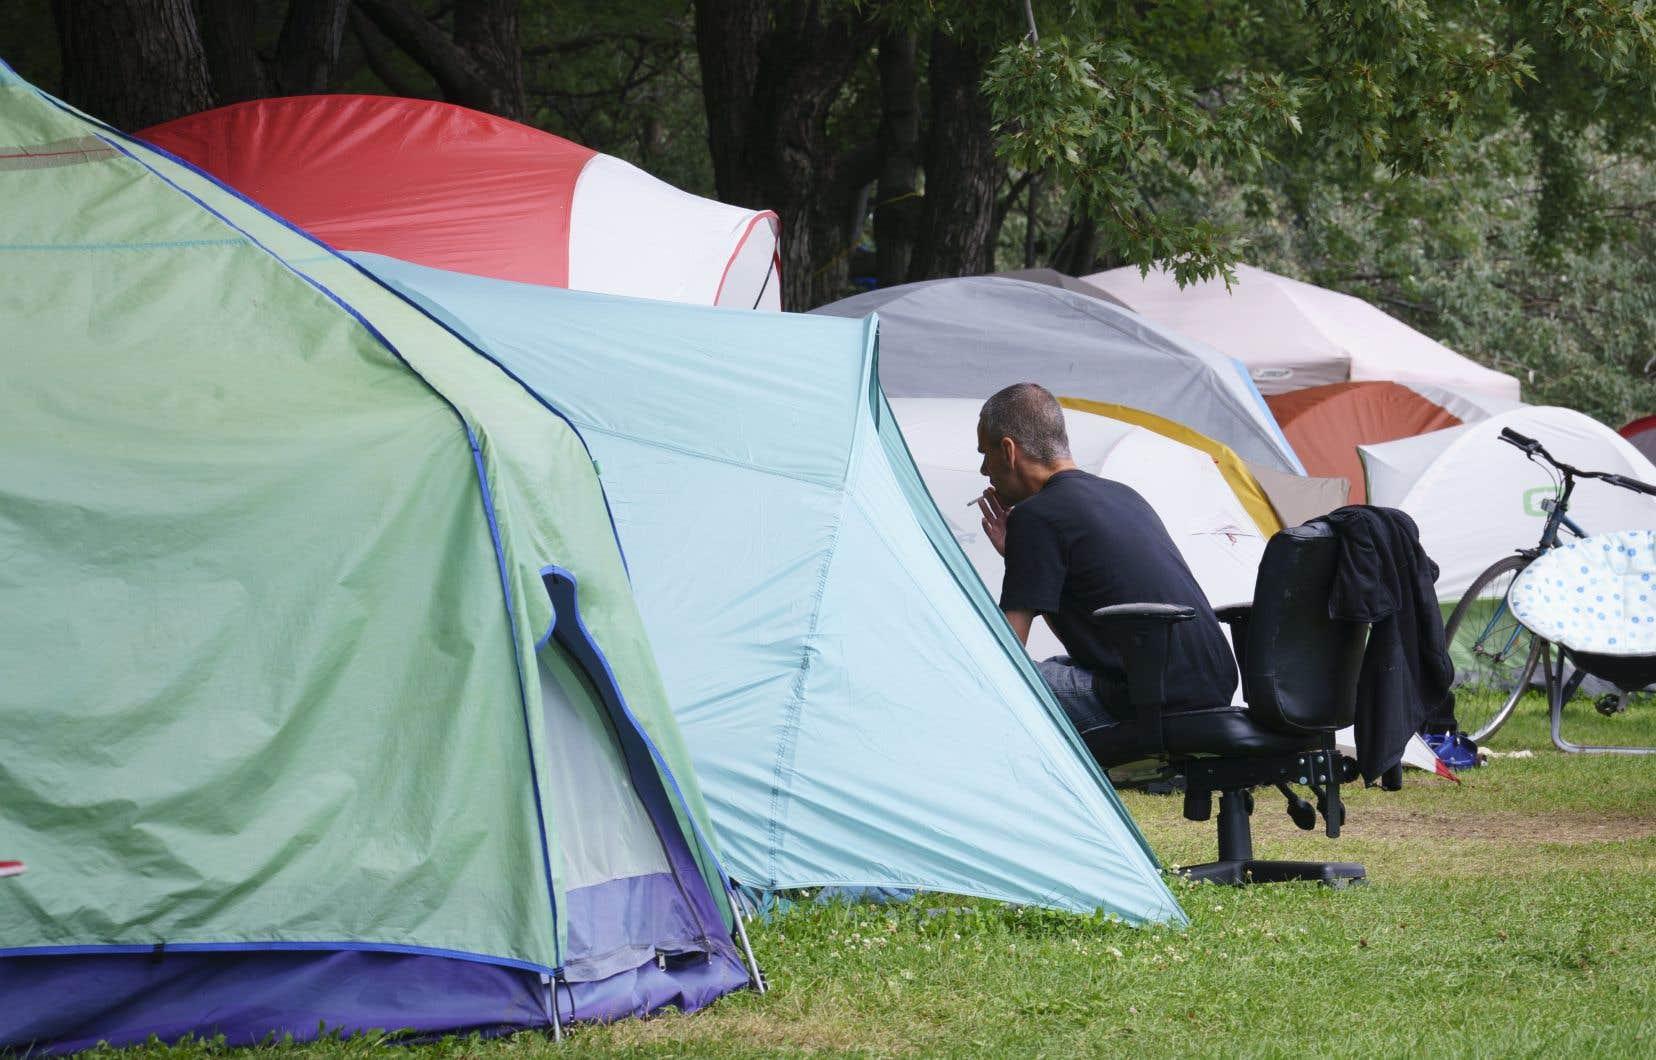 La Ville de Montréal espère néanmoins voir disparaître le campement improvisé.